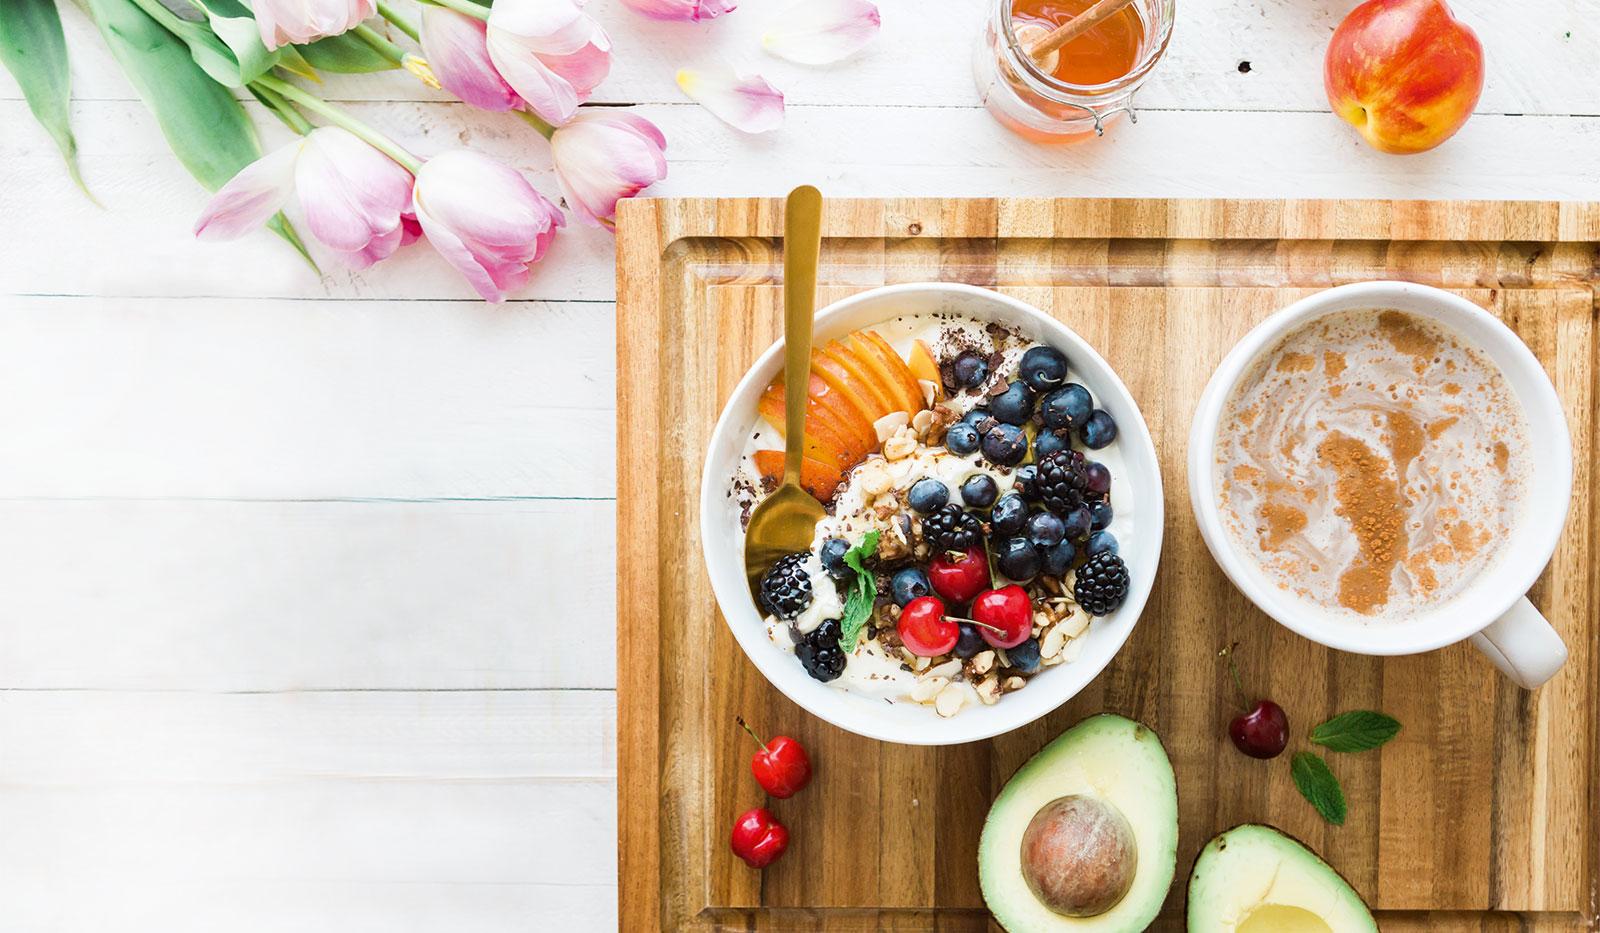 Frühstückstisch mit Schüssel Müsli mit Früchten und Tasse Tee